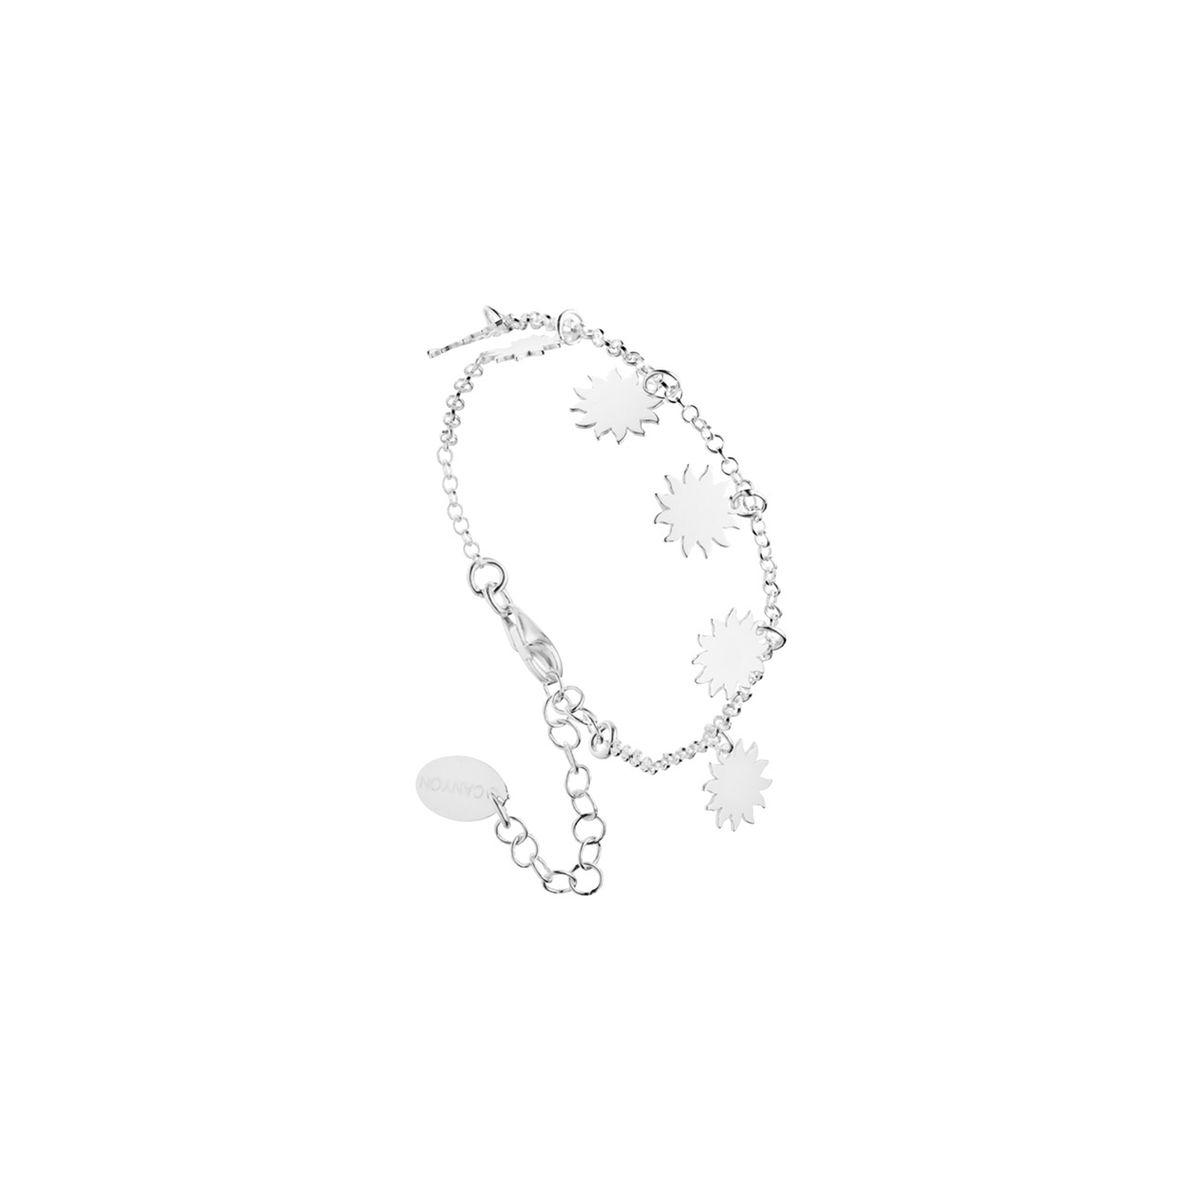 Bracelet chaîne soleils en argent 925 passivé, 3.4g